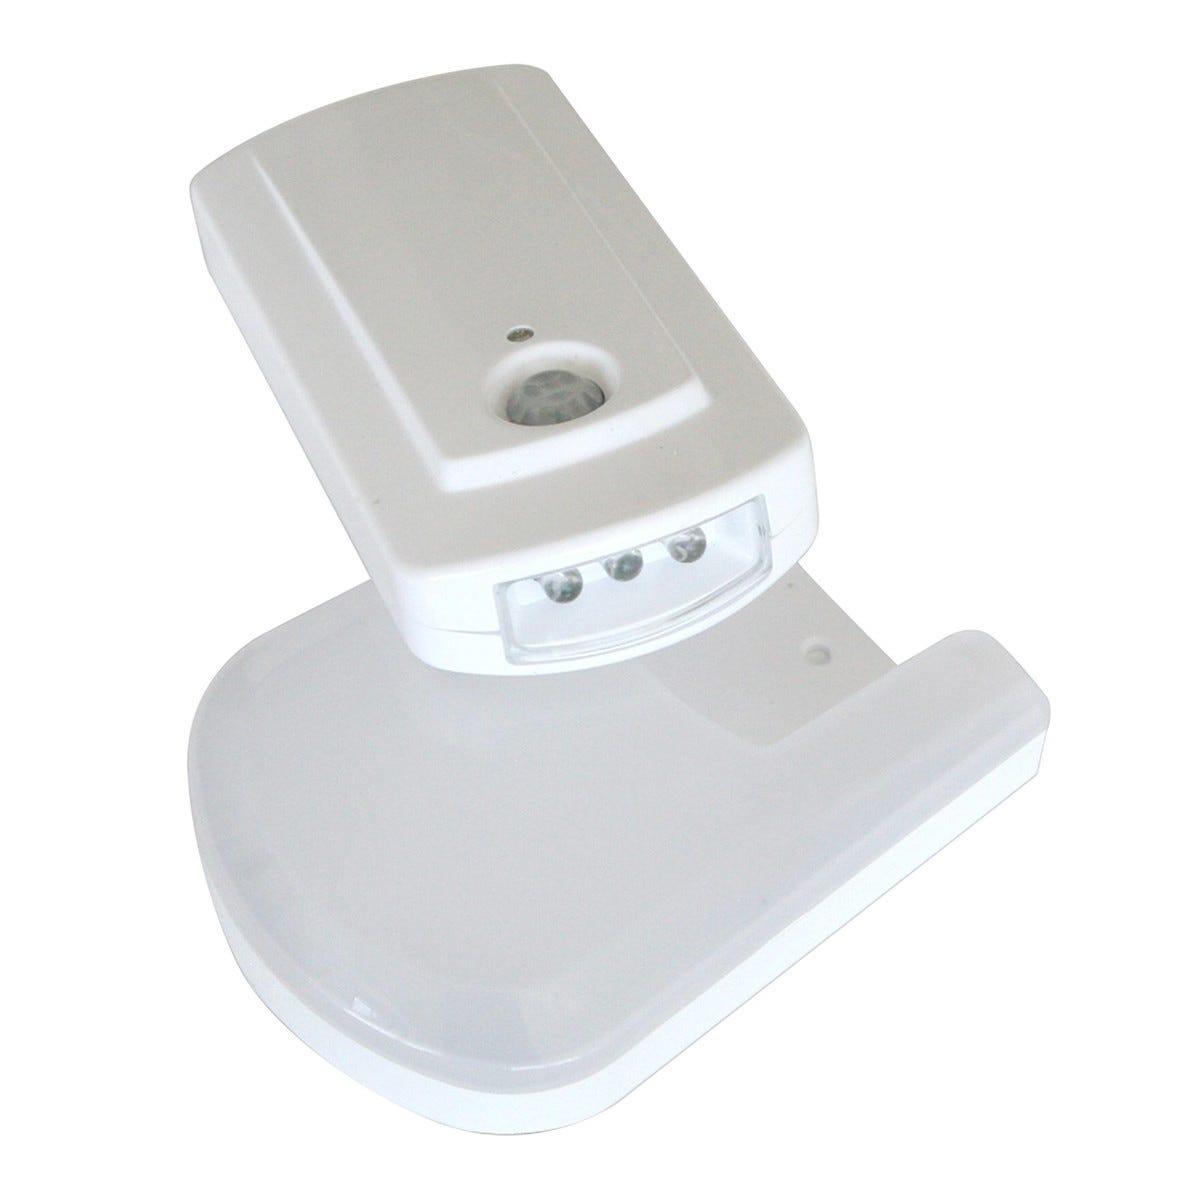 torcia led rexer multifunzione con base e sensore di movimento dimensioni 15,3x7,4x2,8 cm